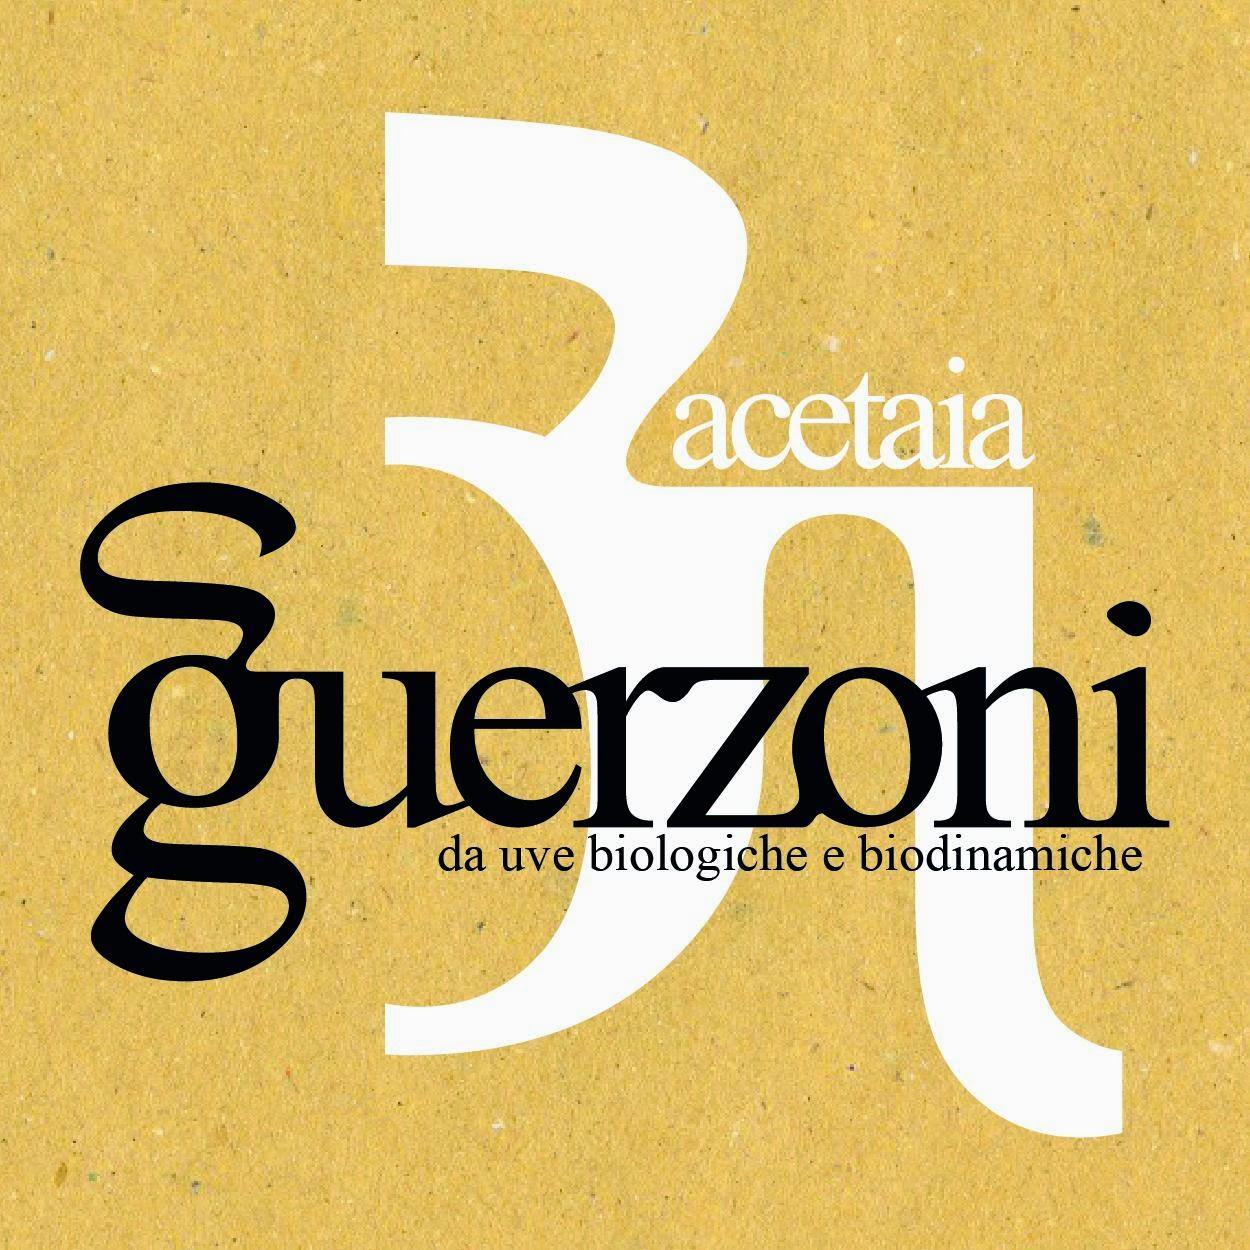 """Contest """"Natale con Aceto Balsamico di Modena IGP Guerzoni"""""""